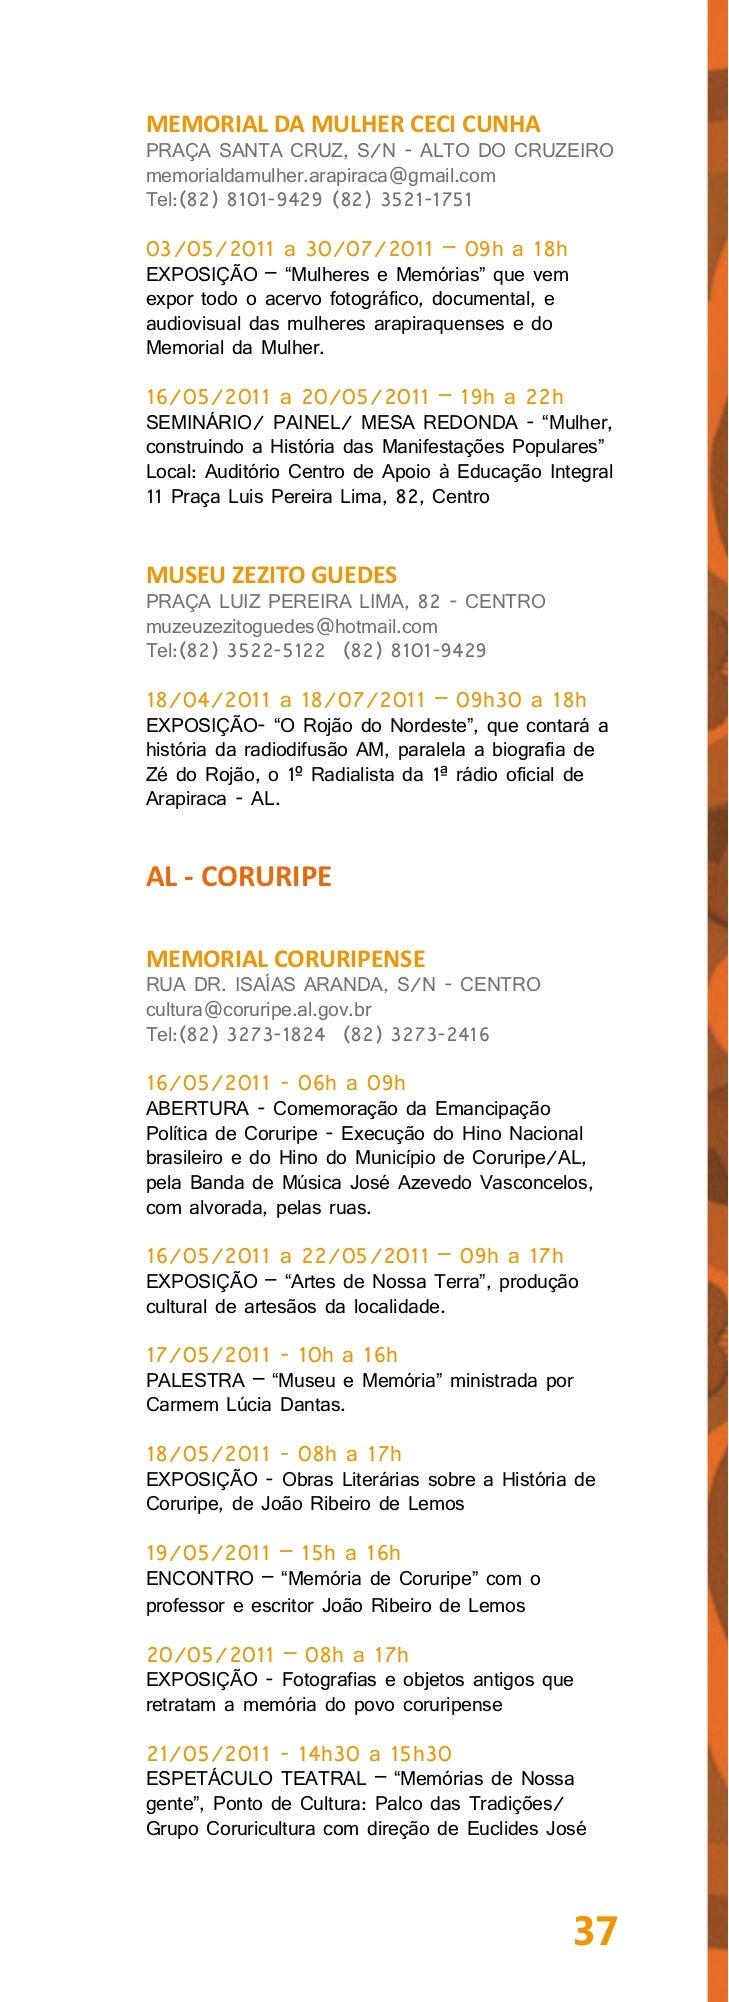 AL - DELMIRO GOUVEIAMUSEU REGIONAL DELMIRO GOUVEIAAV CAXANGÁ, S/Nº - CENTRO DE ARTE ECULTURA, 2º ANDAR - CENTROfundeg@ig.c...